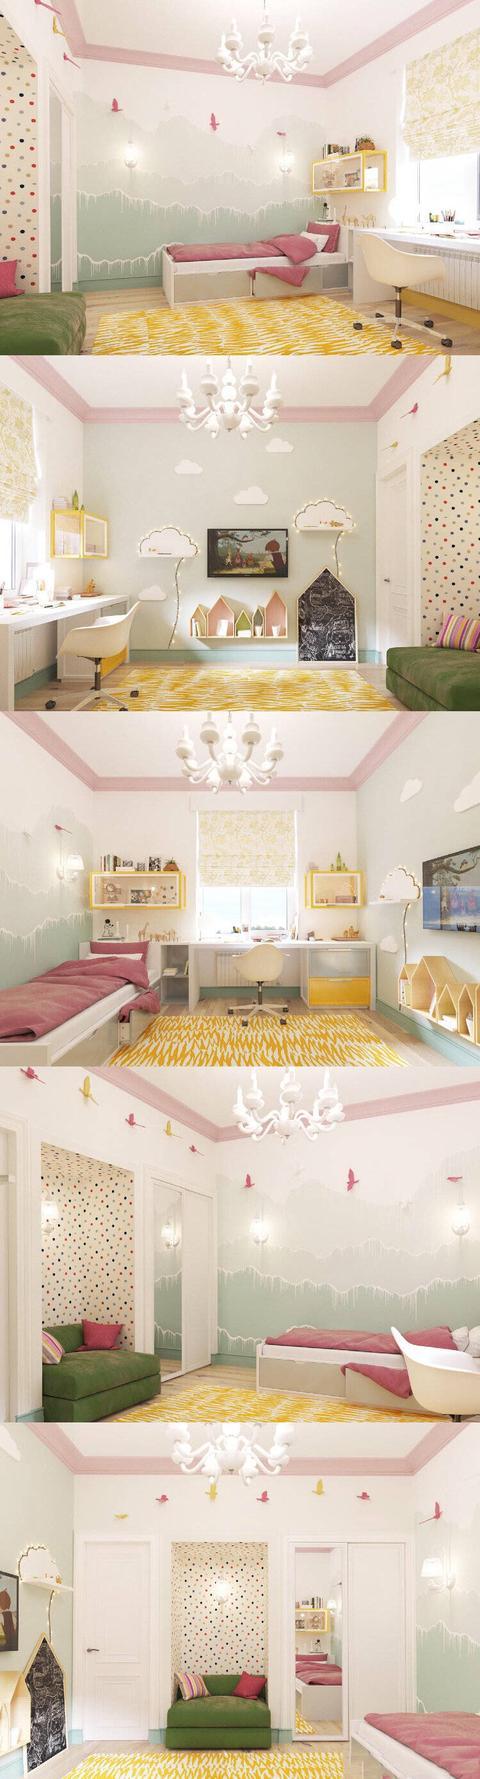 10套让人心动的儿童房设计方案 不懂装的赶紧收藏!